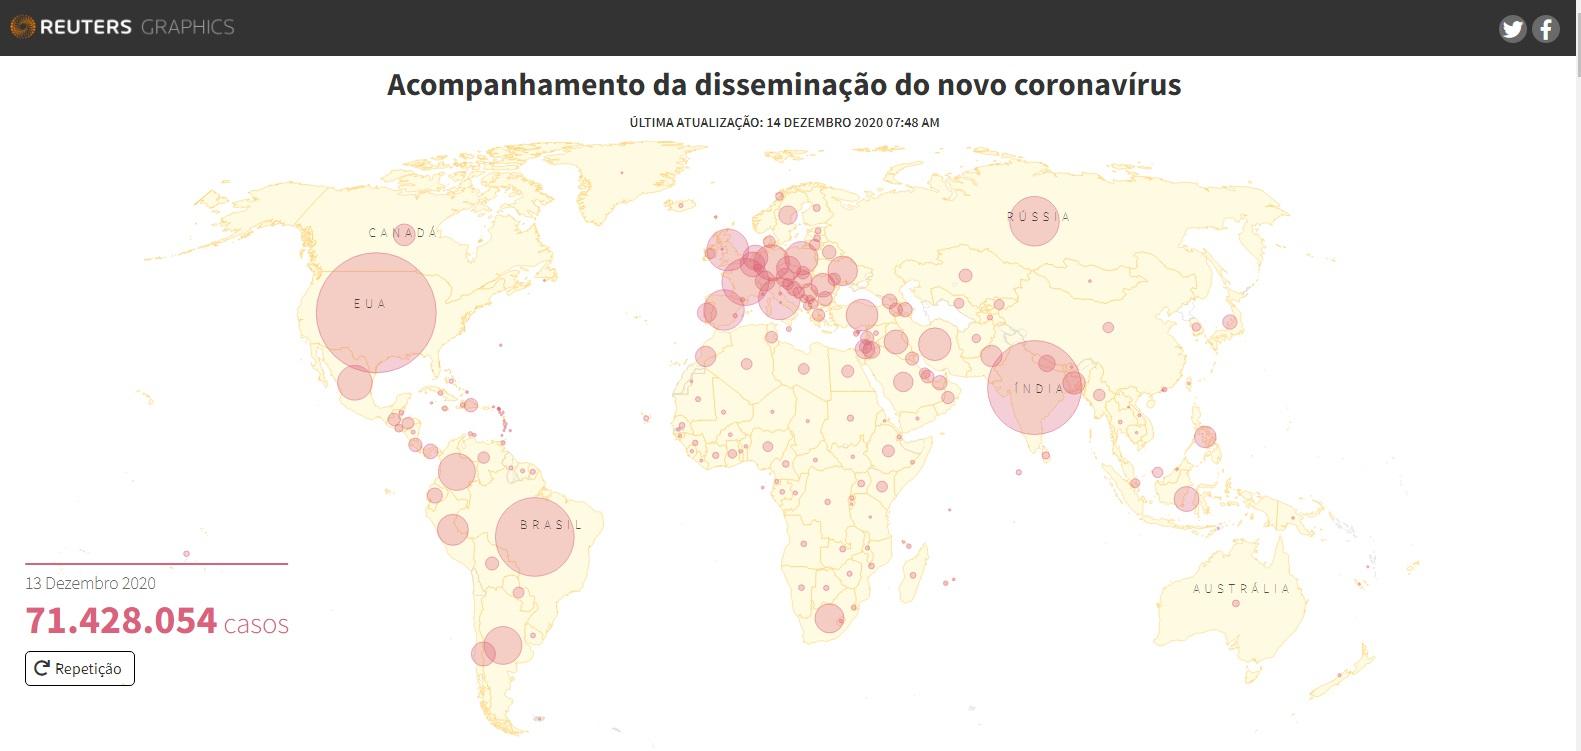 Casos de Covid-19 no mundo em dezembro de 2020